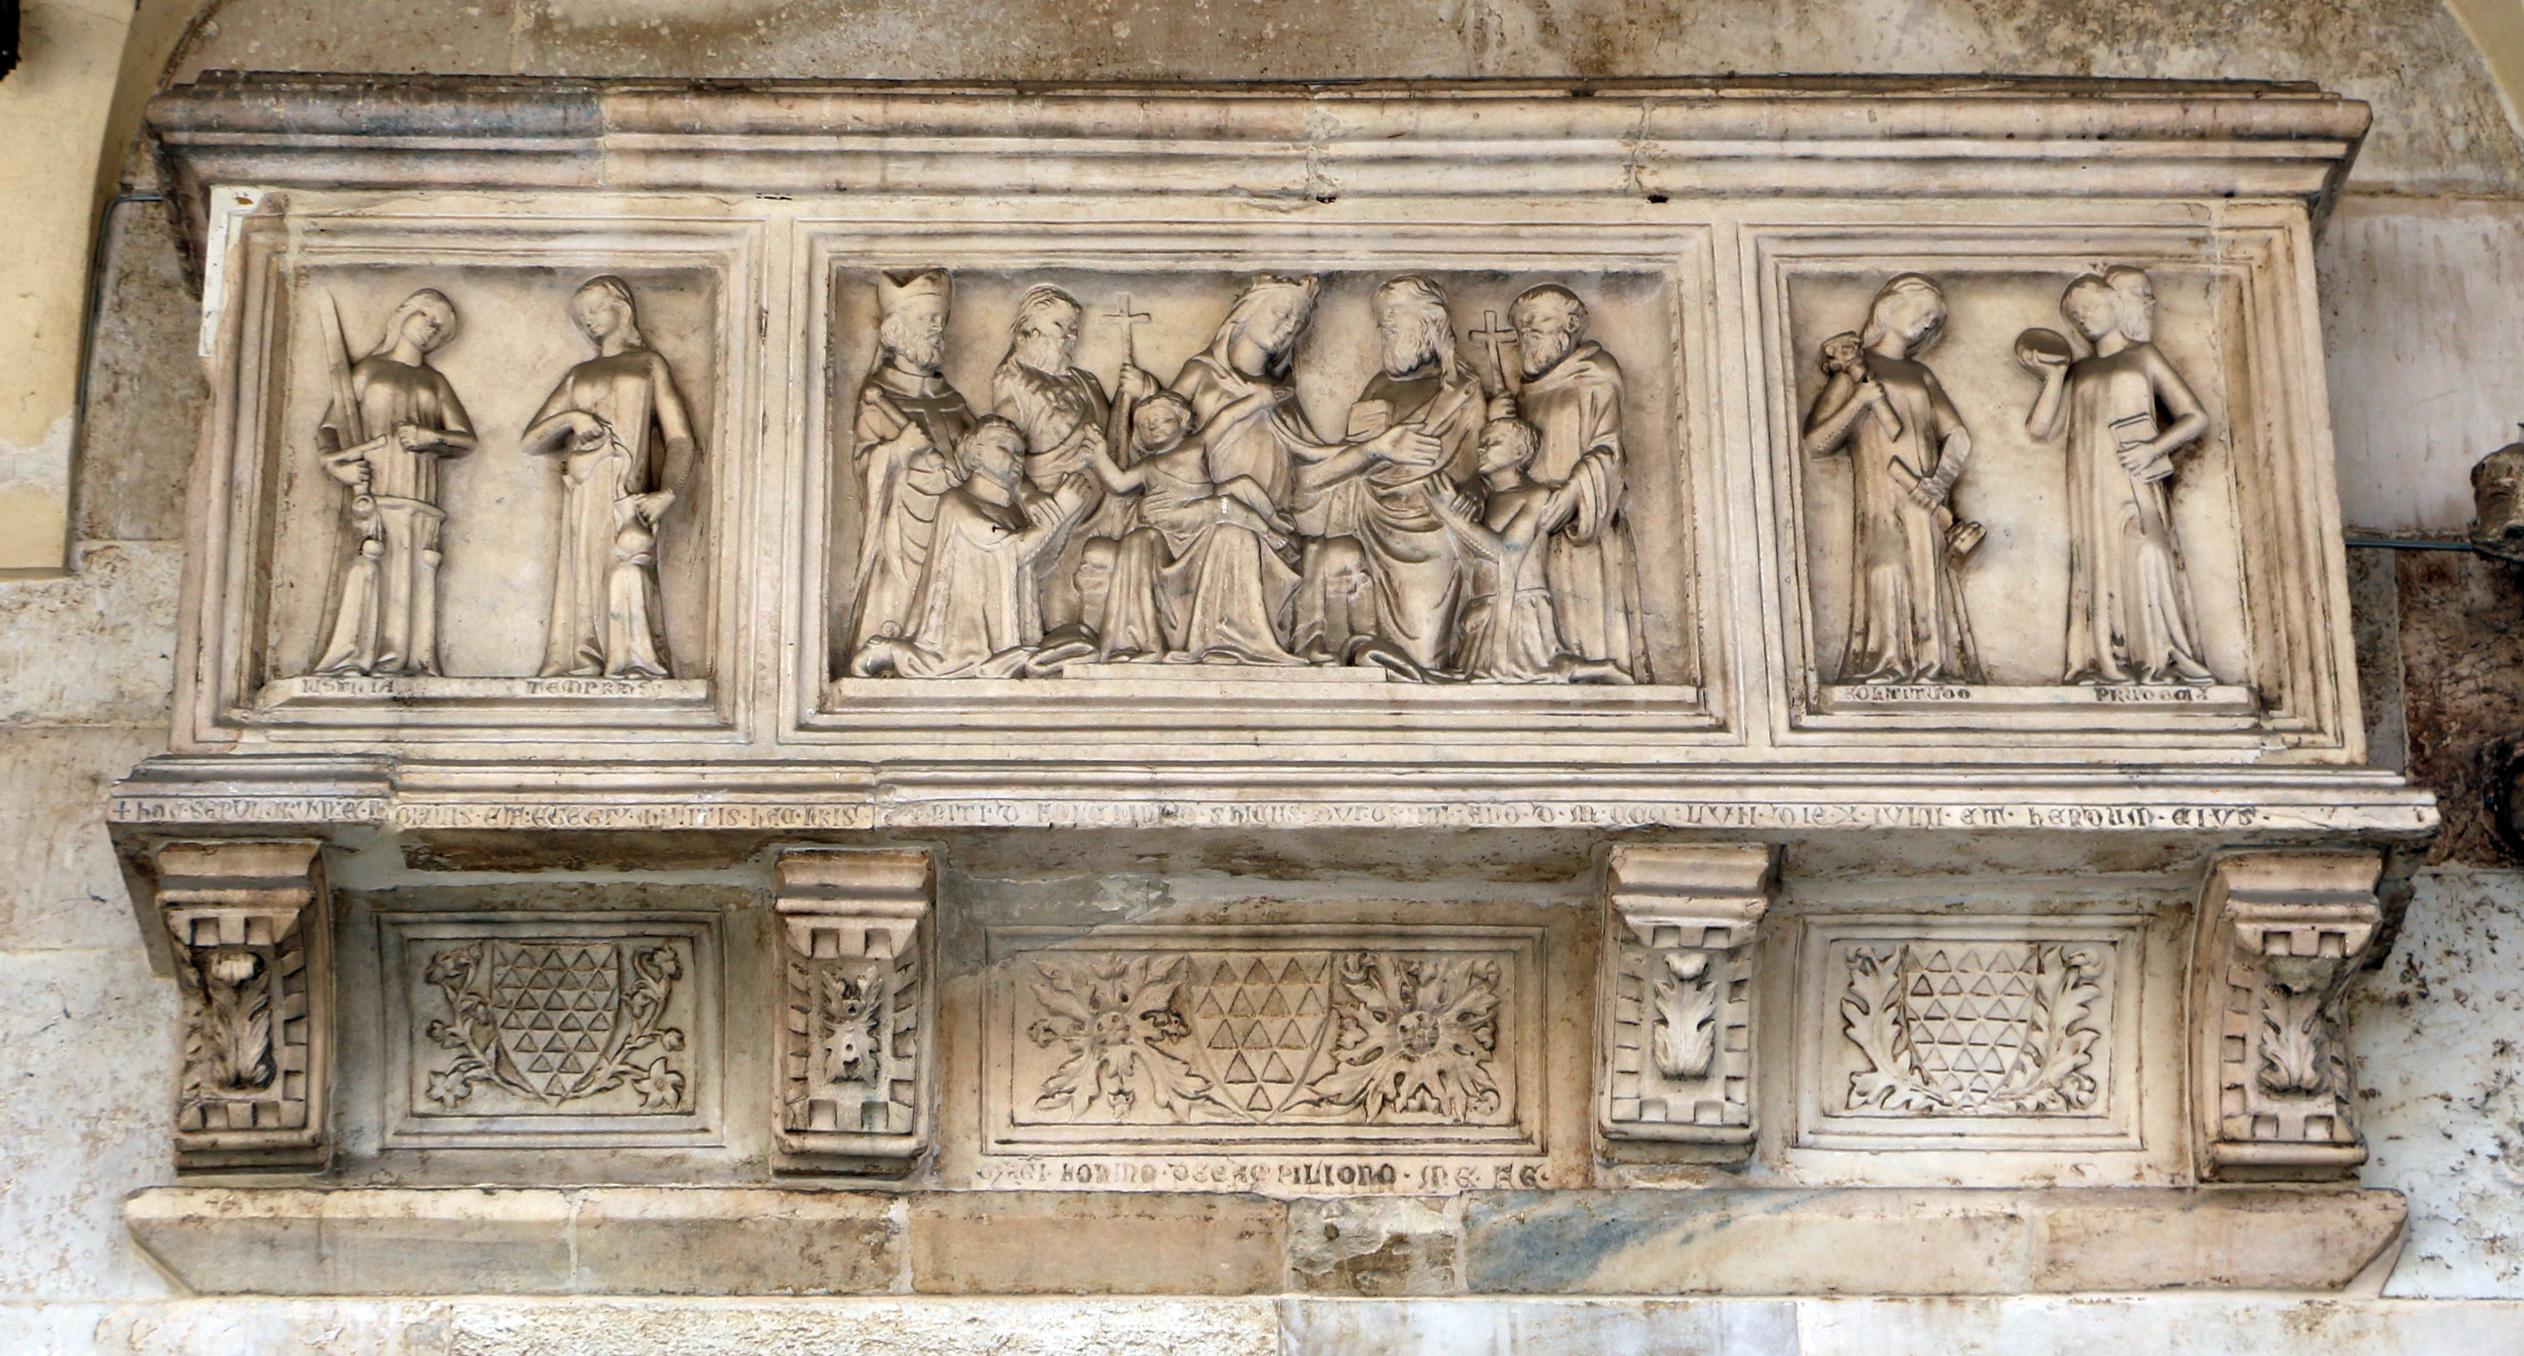 File:Bonino da campione, sarcofago di folchino schizzi, m. 1357.jpg